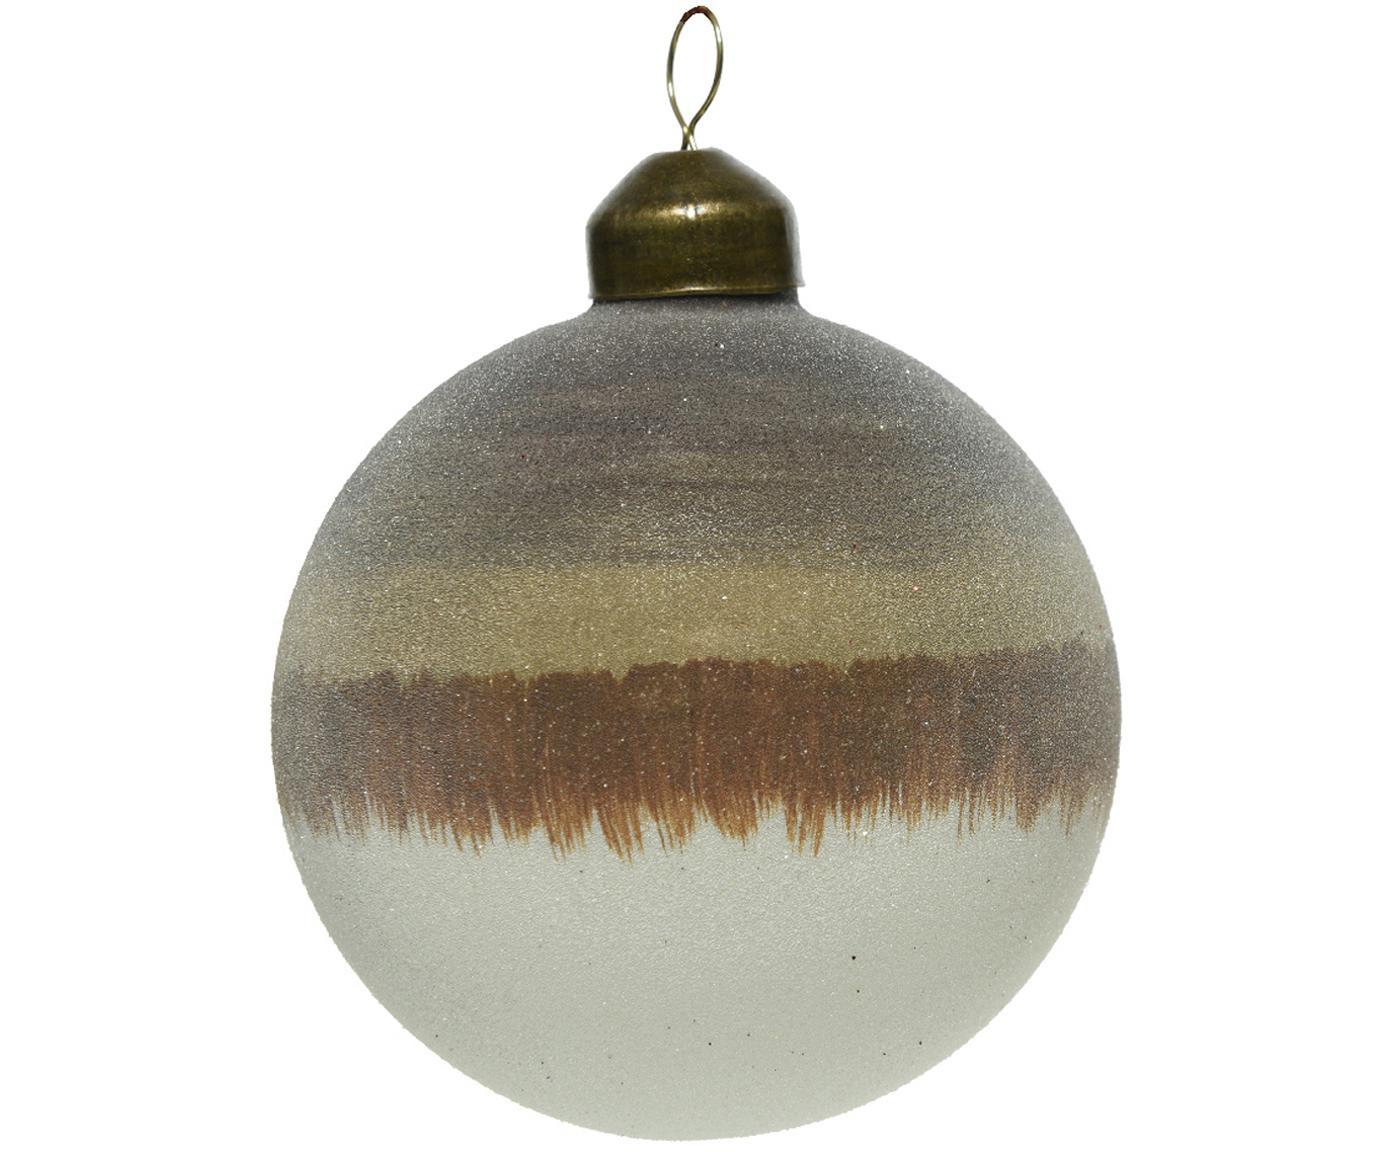 Kerstballen Organic, 2 stuks, Beige, bruin, wit, Ø 8 cm